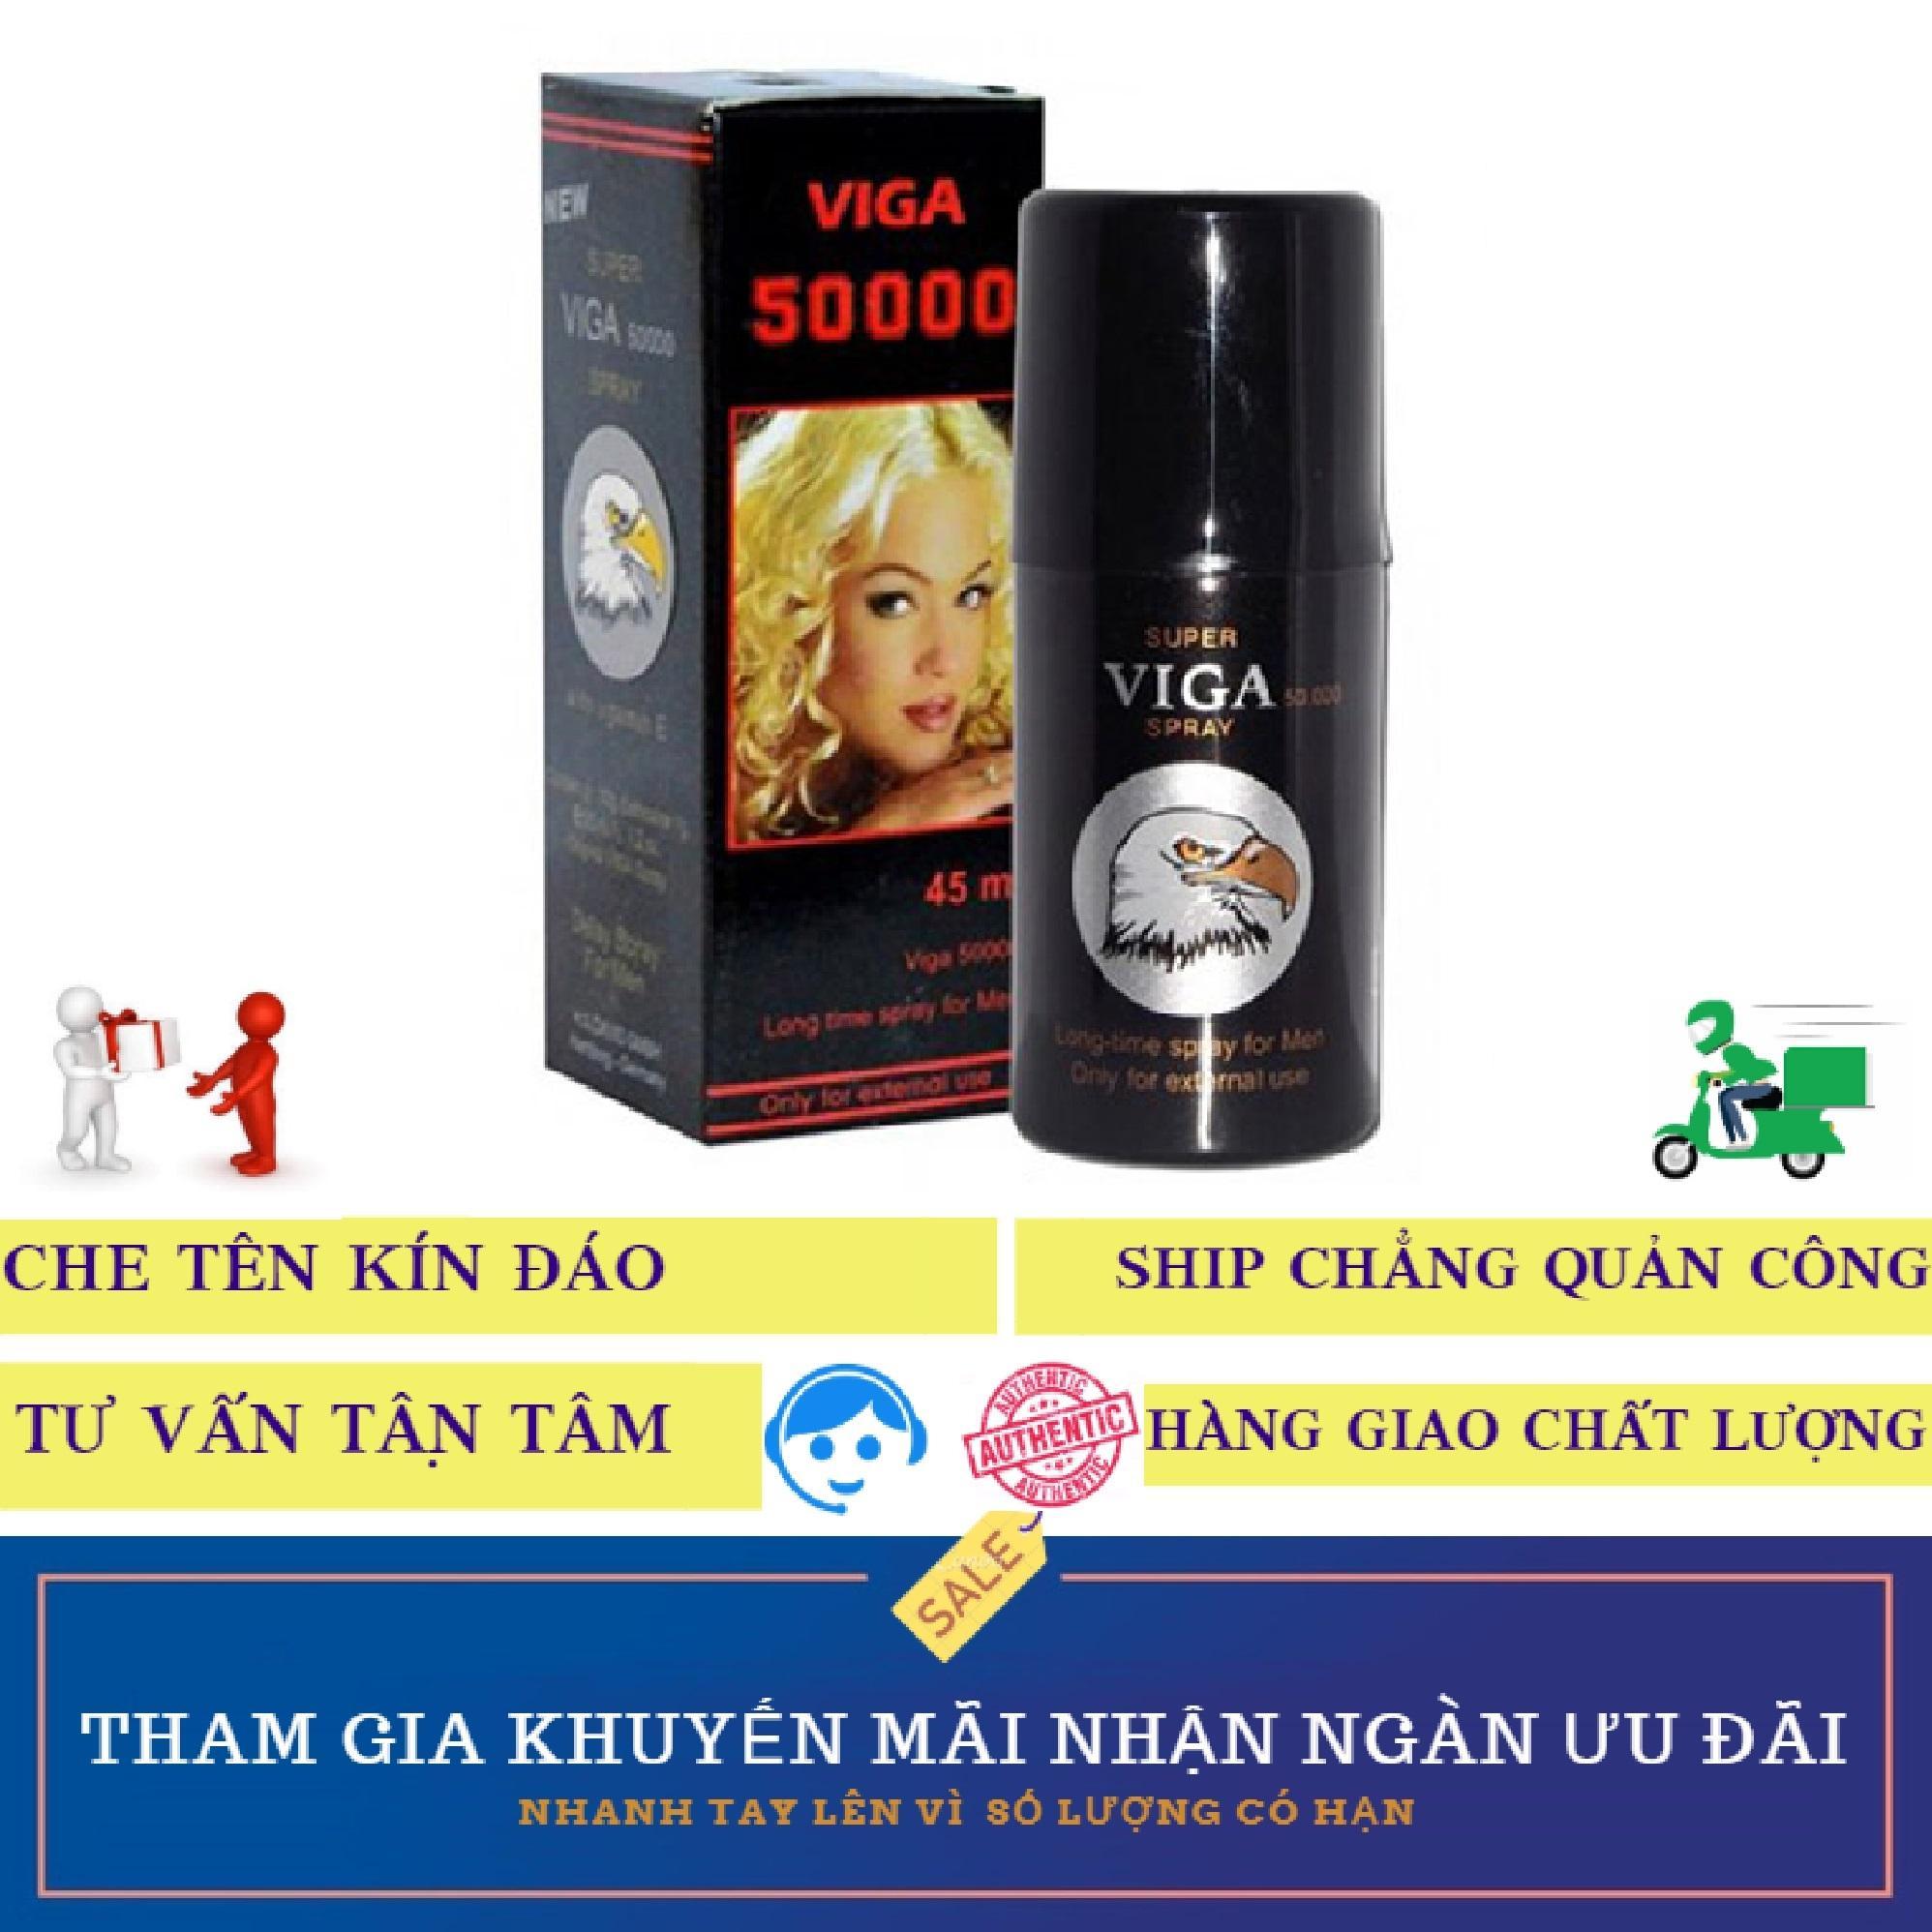 Chai xịt kéo dài thời gian, tăng sức khỏe và sức bền nam giới Super Viga Spray 50000 45ml